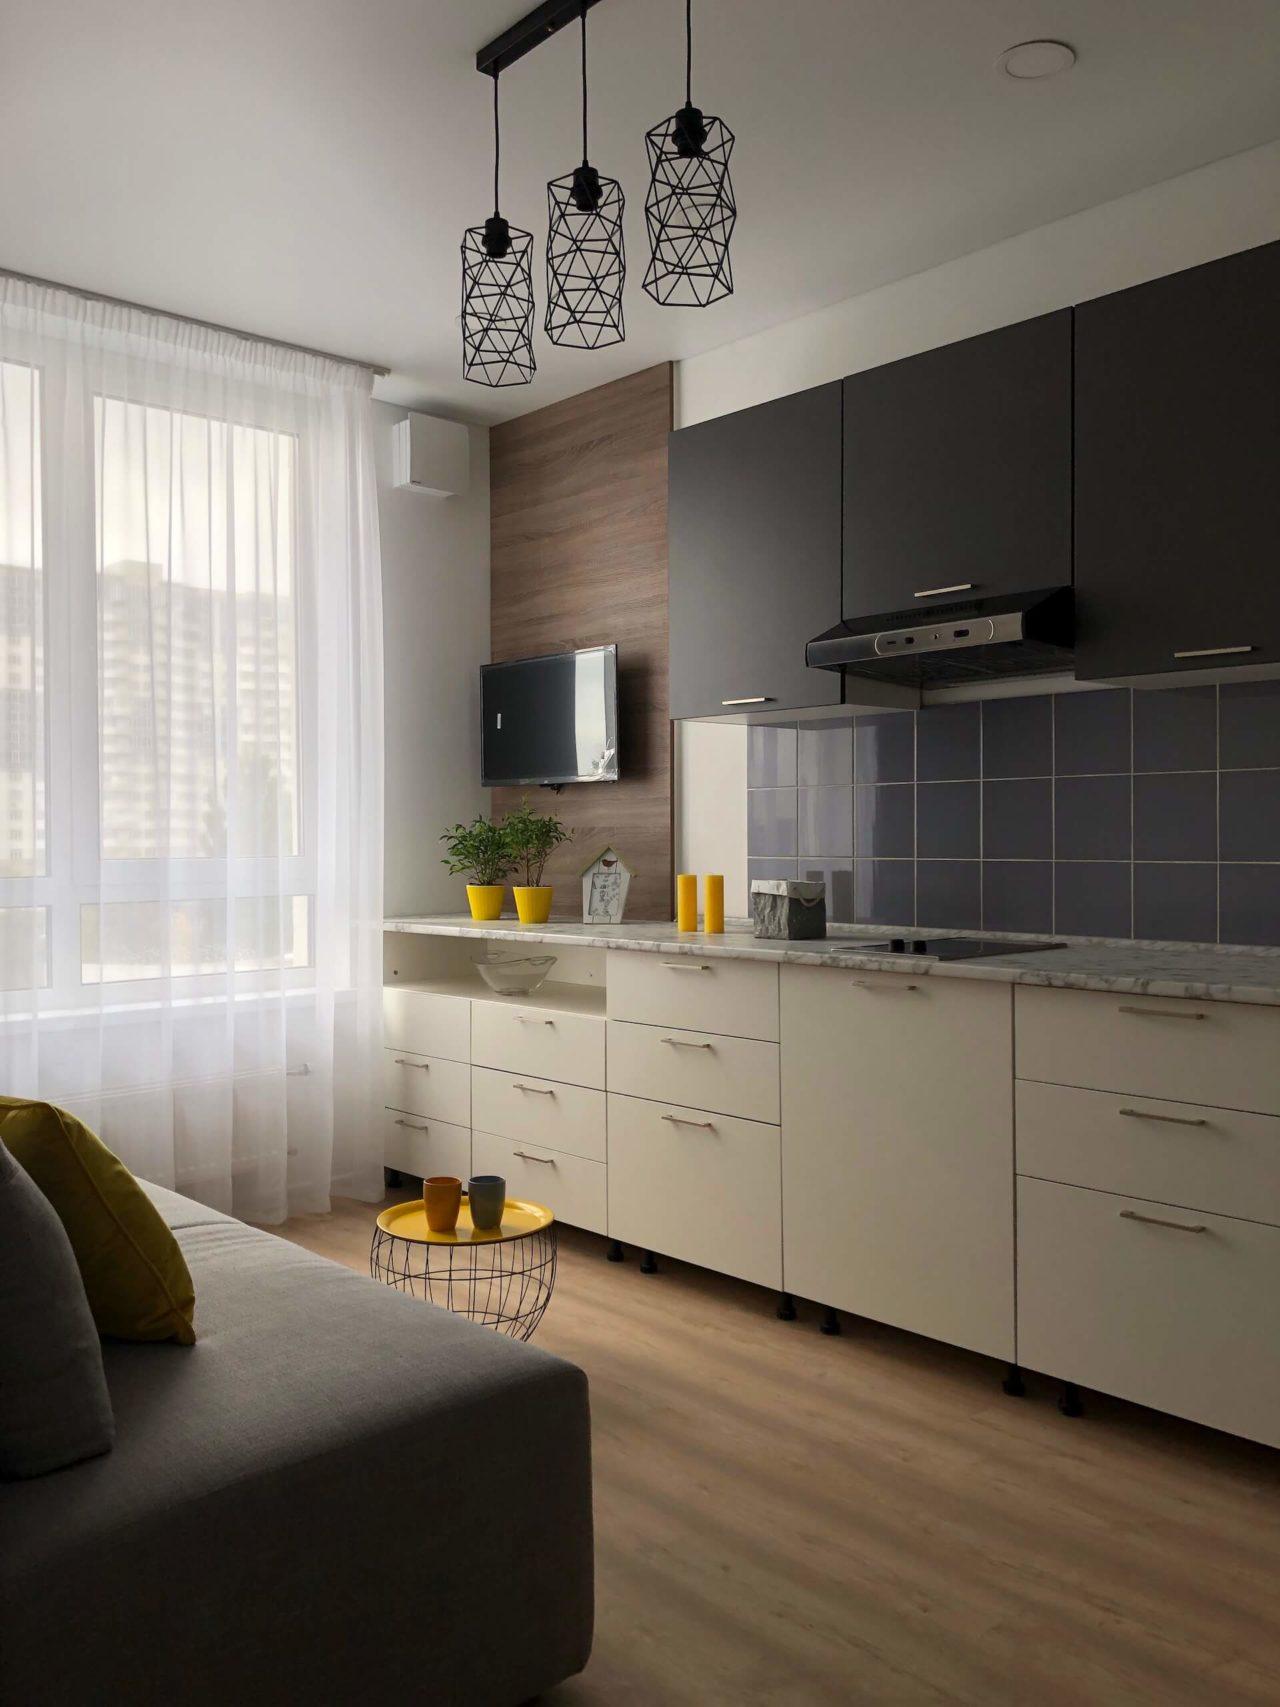 Дизайн проект квартира студия с одной спальней, бежевая ЖК ФайнаТаун, Киев | фото 2